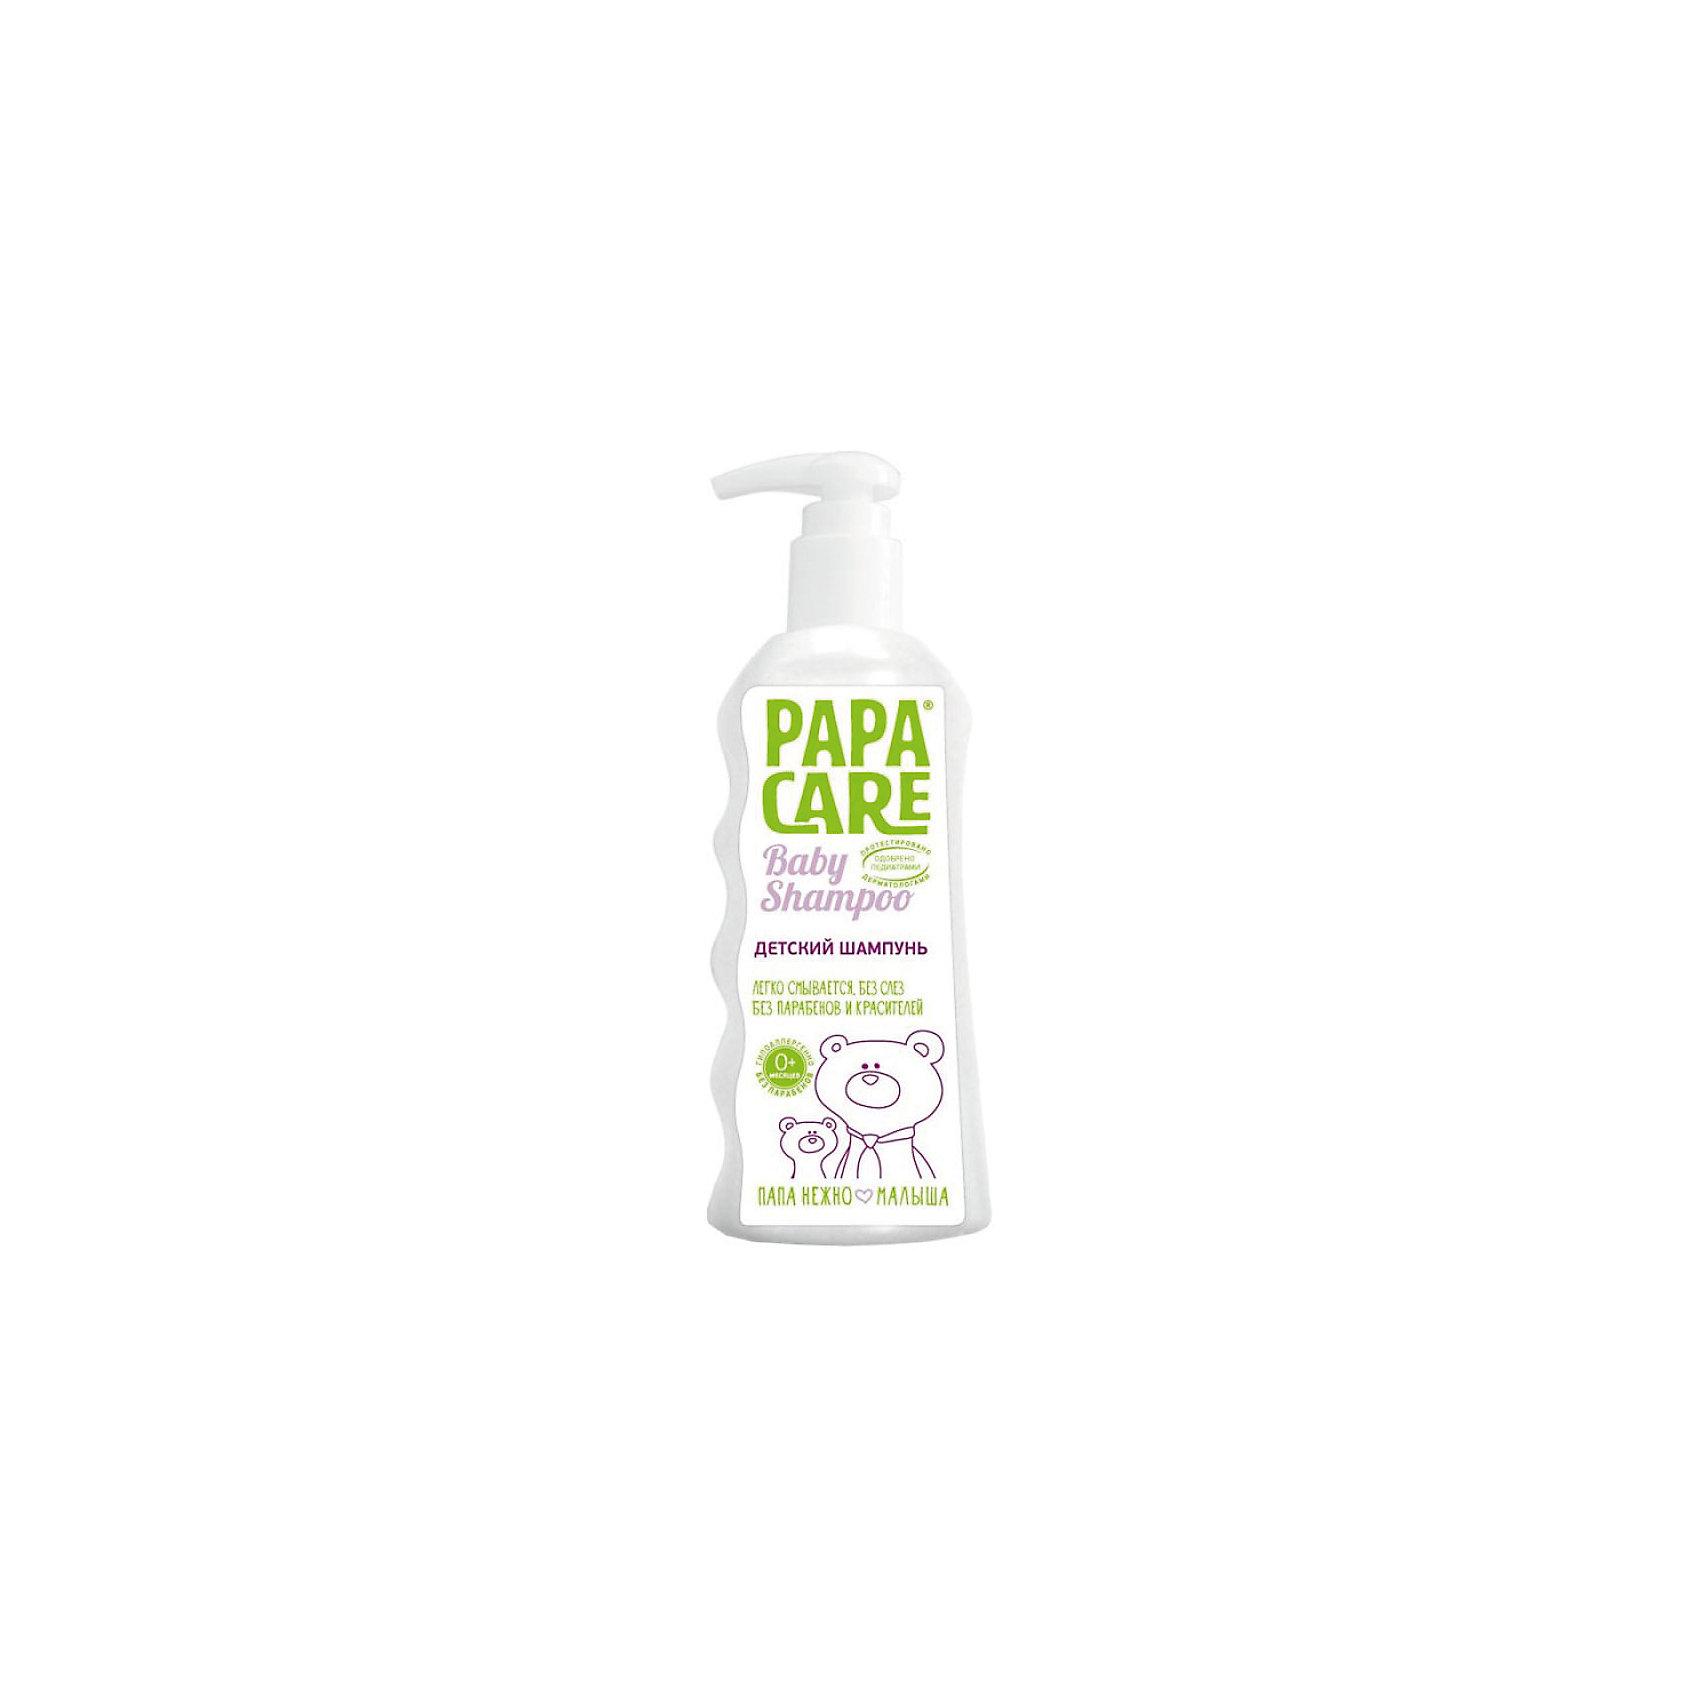 Papa Care Детский шампунь для волос 250 мл. с помпой, PAPA CARE papa care детское масло для массажа очищения увлажнения кожи с помпой 150 мл